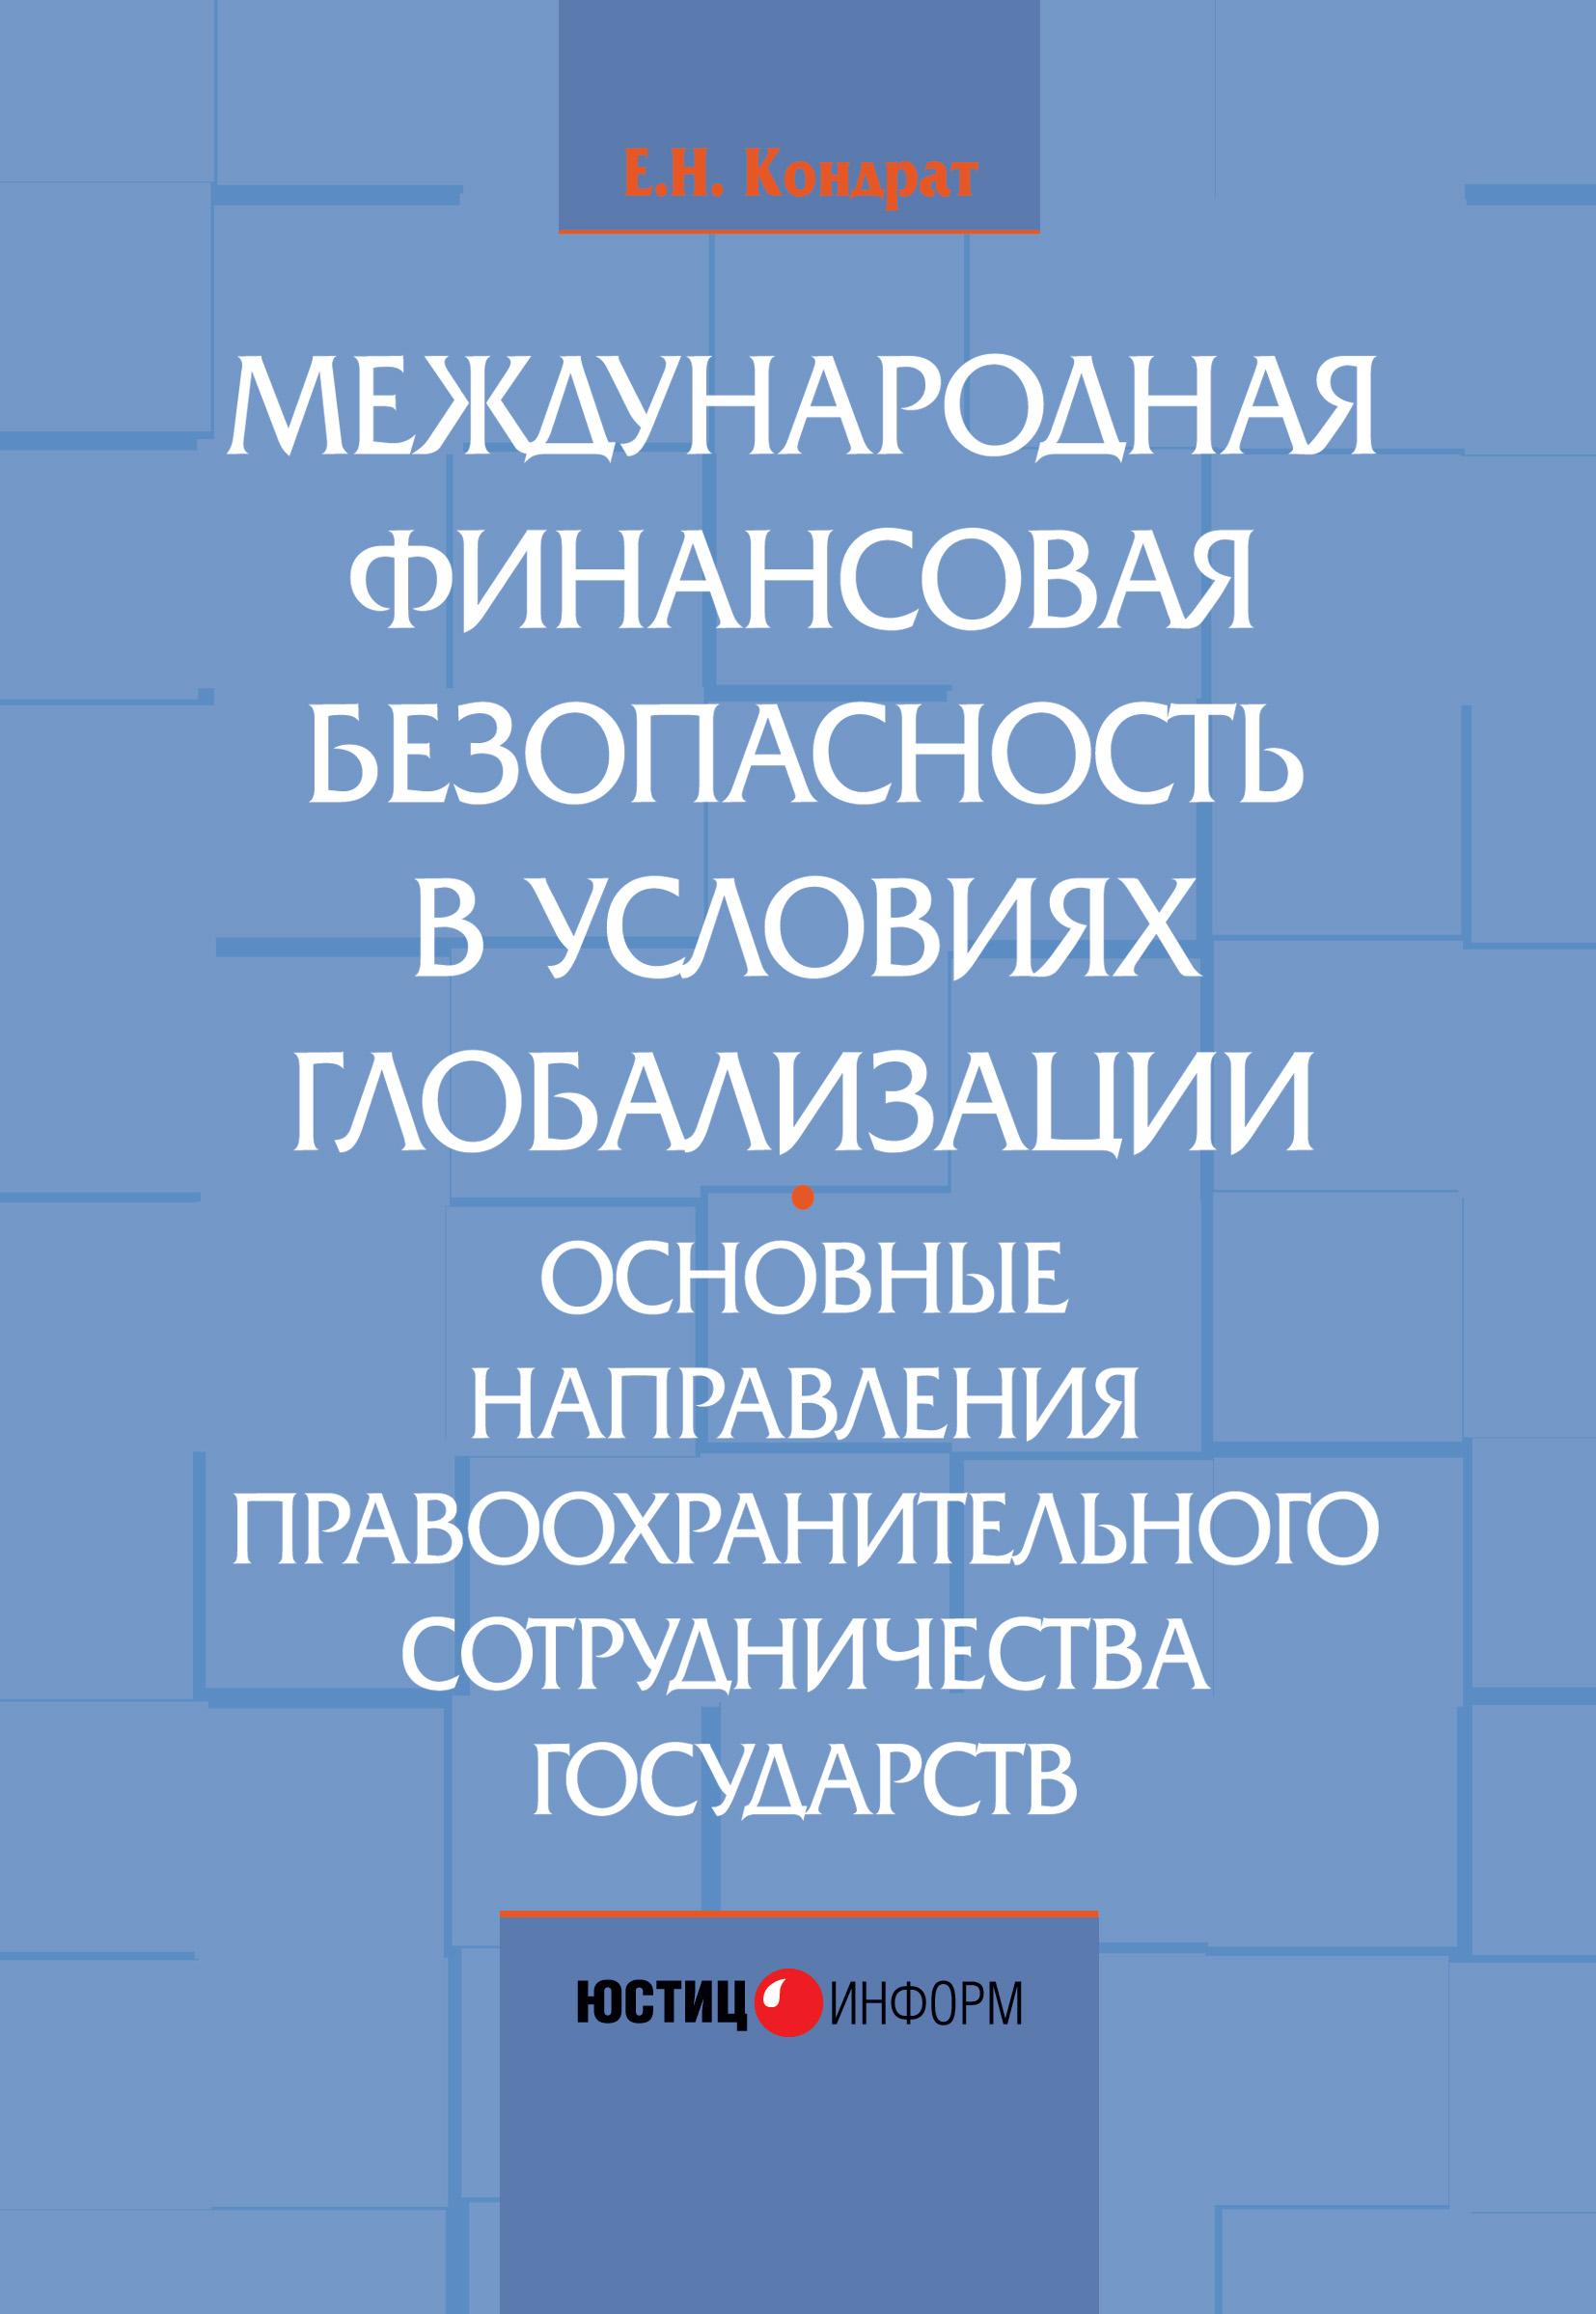 Е. Н. Кондрат Международная финансовая безопасность в условиях глобализации. Основные направления правоохранительного сотрудничества государств в в ефимов экономическая безопасность государства в условиях глобализации